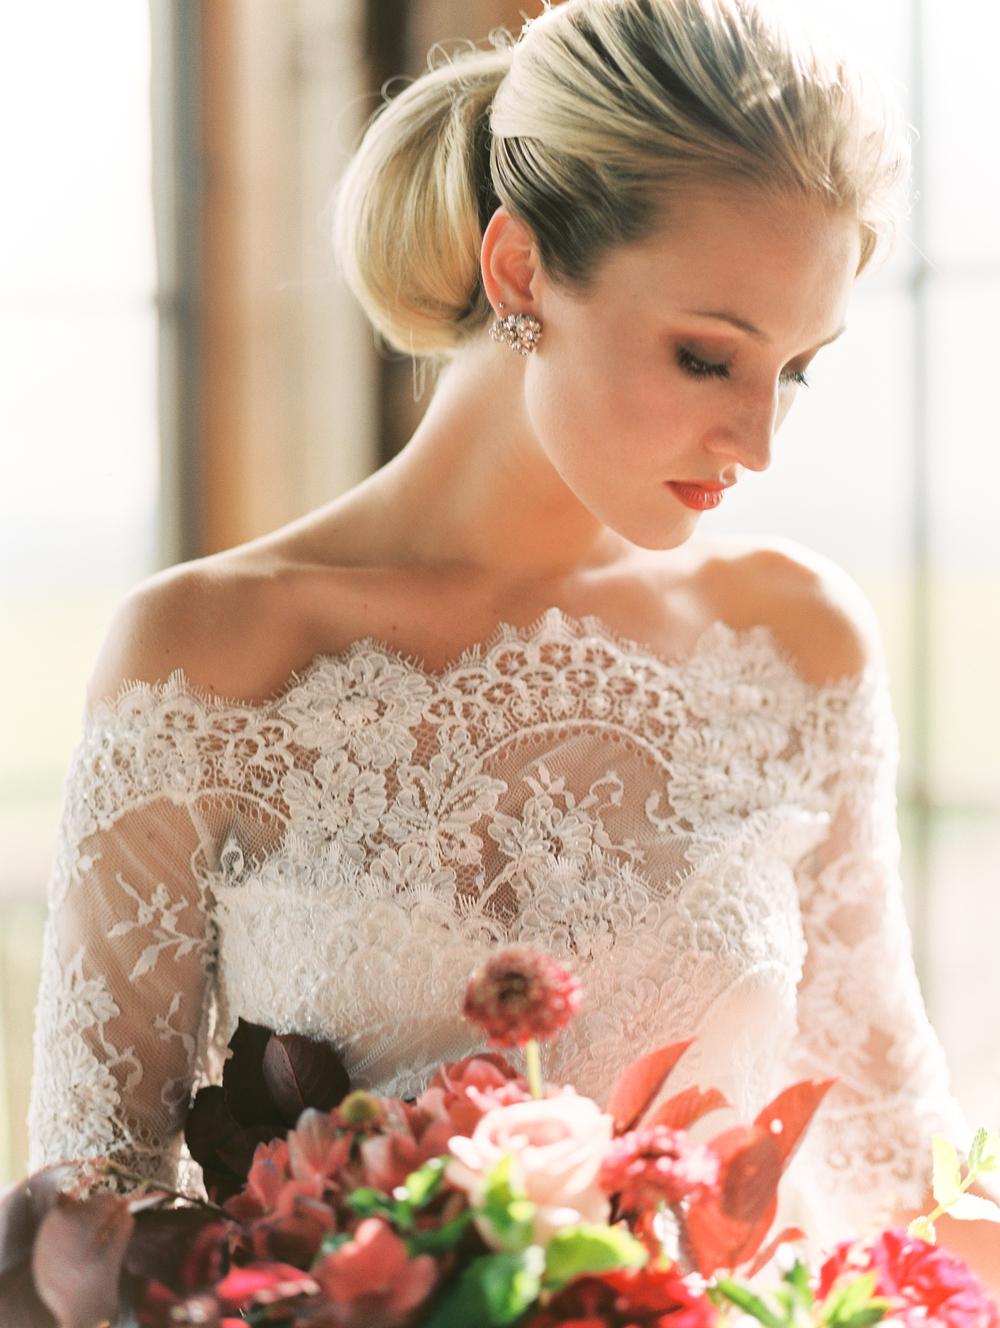 Galia lahav designer wedding gowns little white dress for Last season wedding dresses